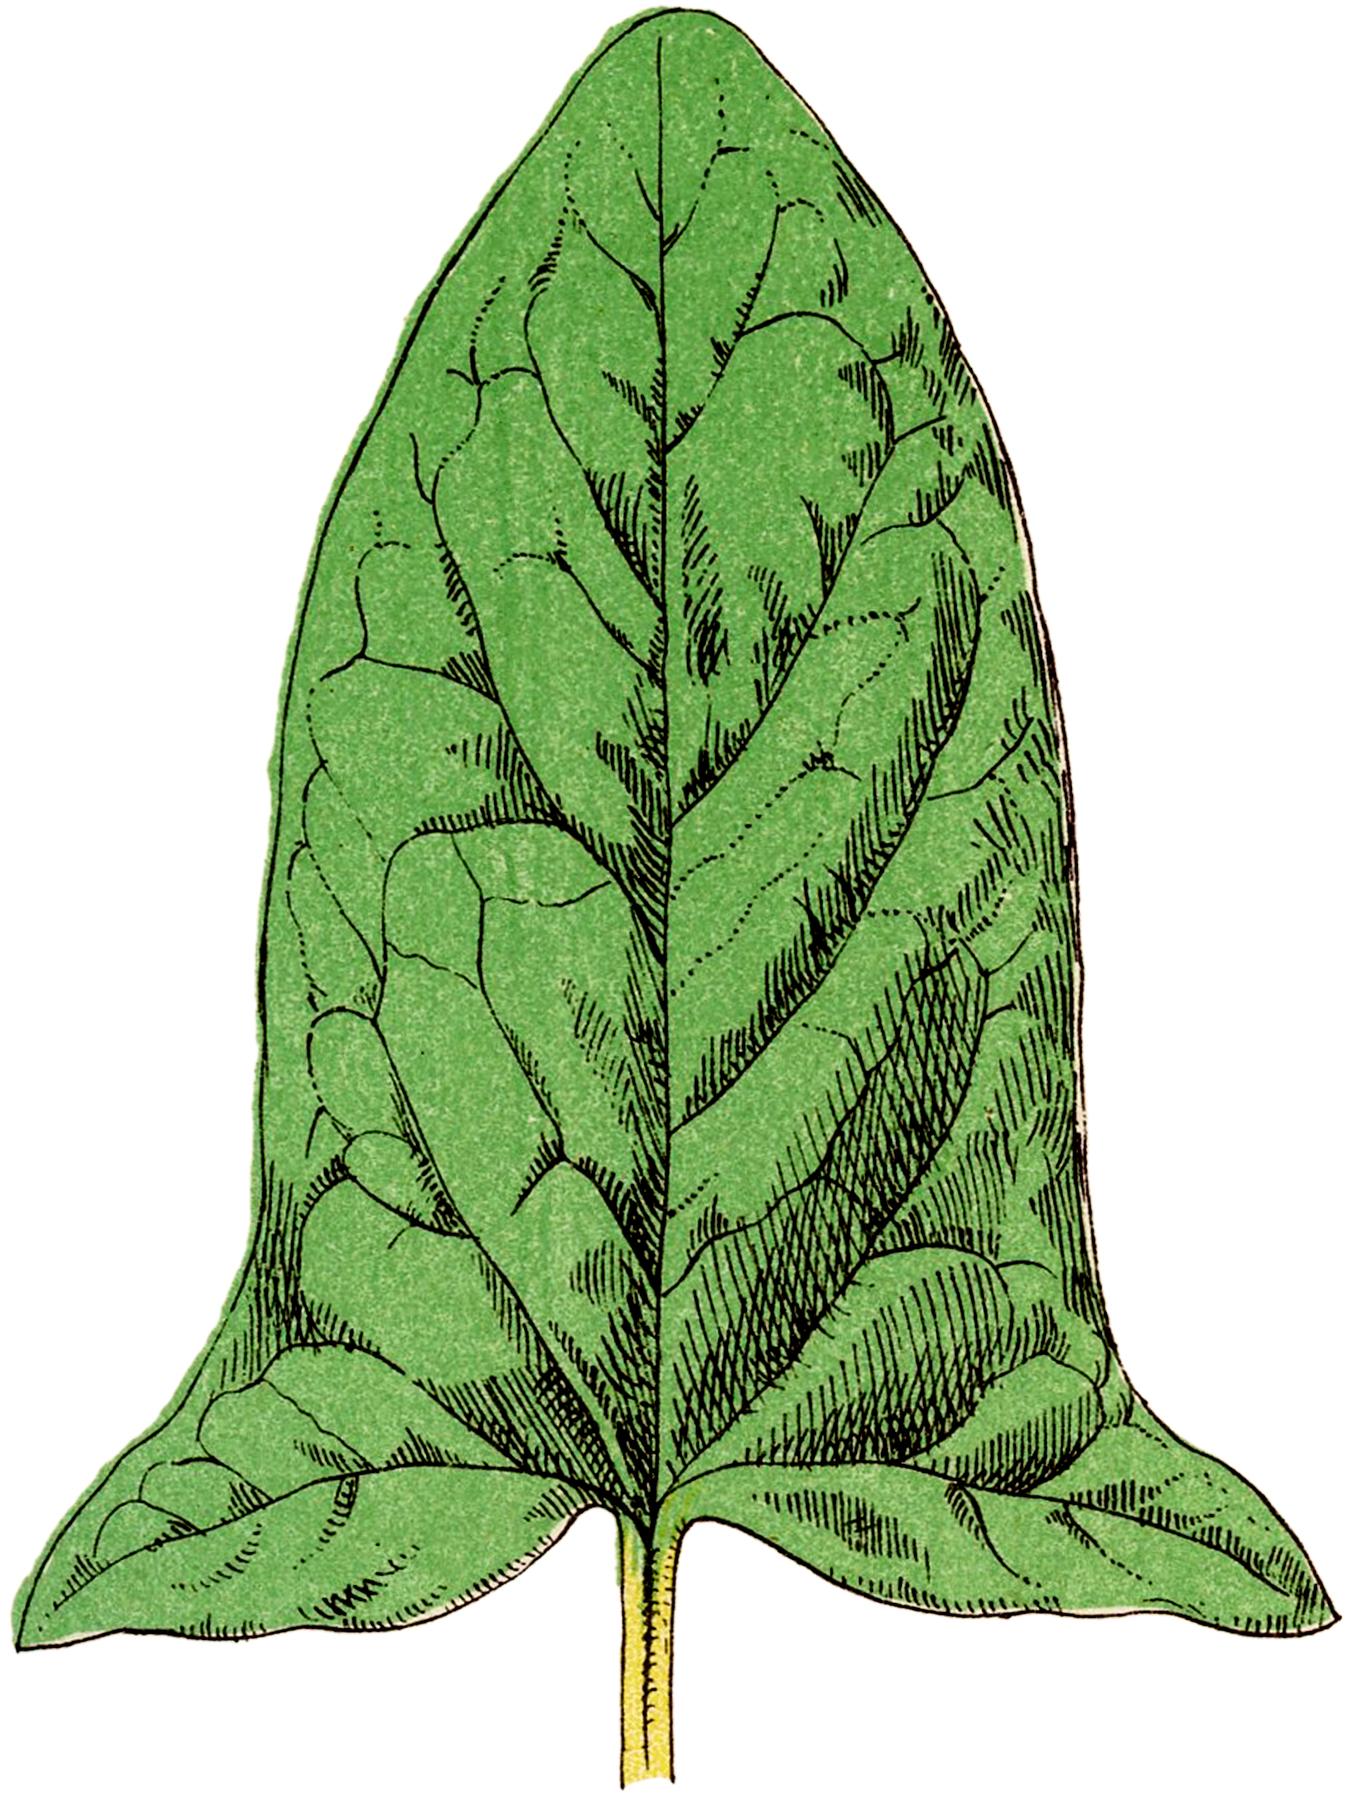 Vintage Green Leaf Image